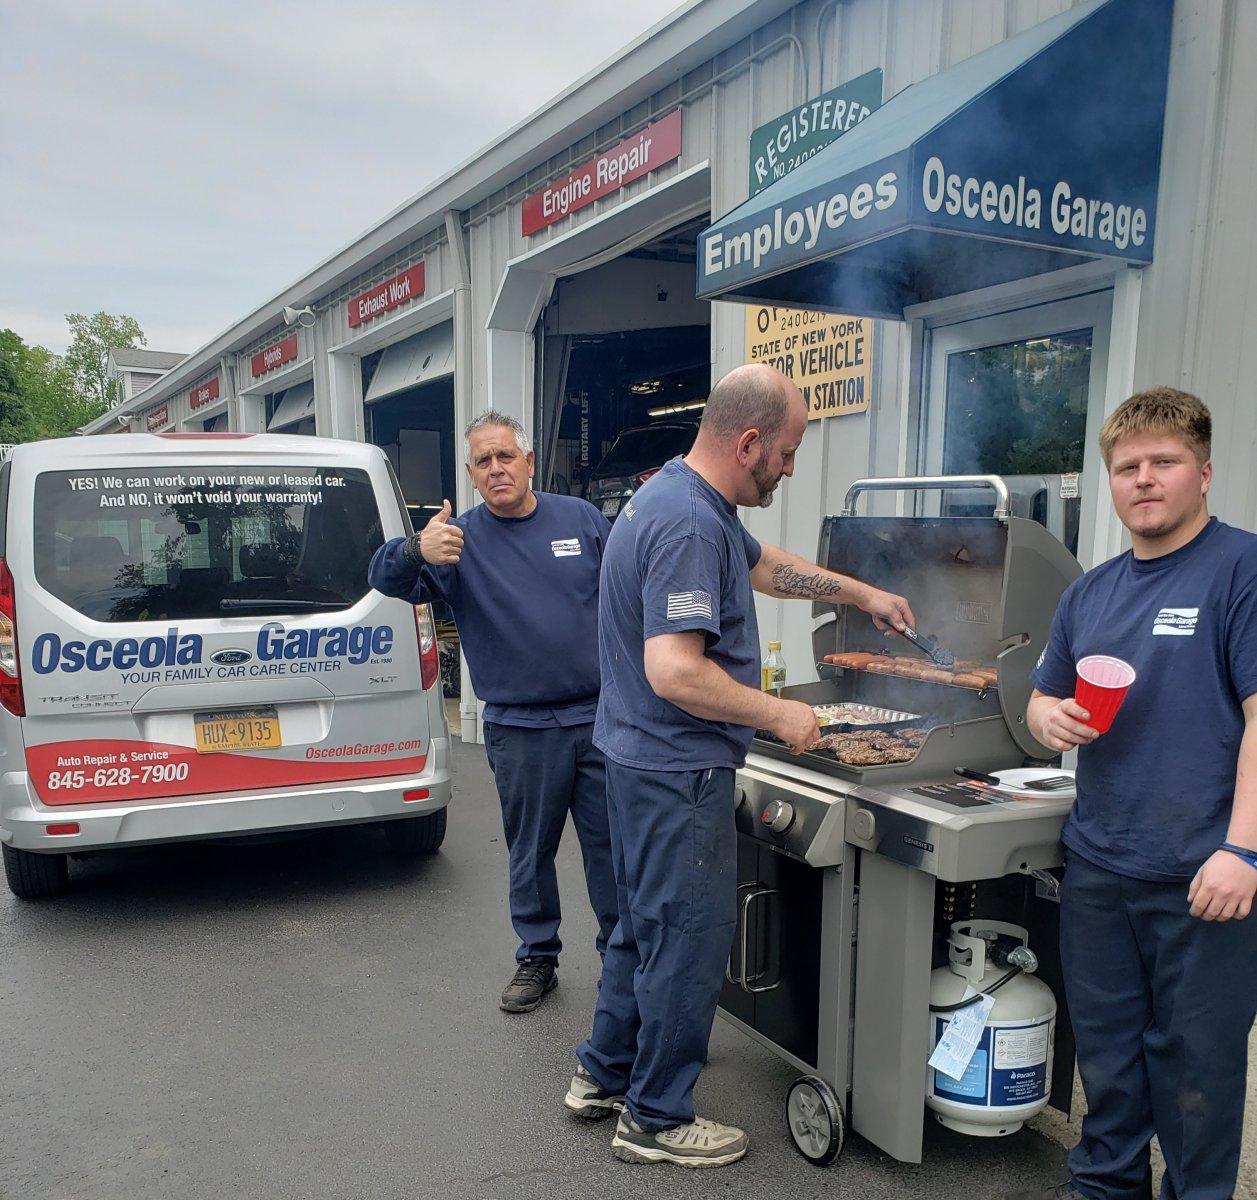 Friday BBQ at Osceola Garage, Joe Marconi